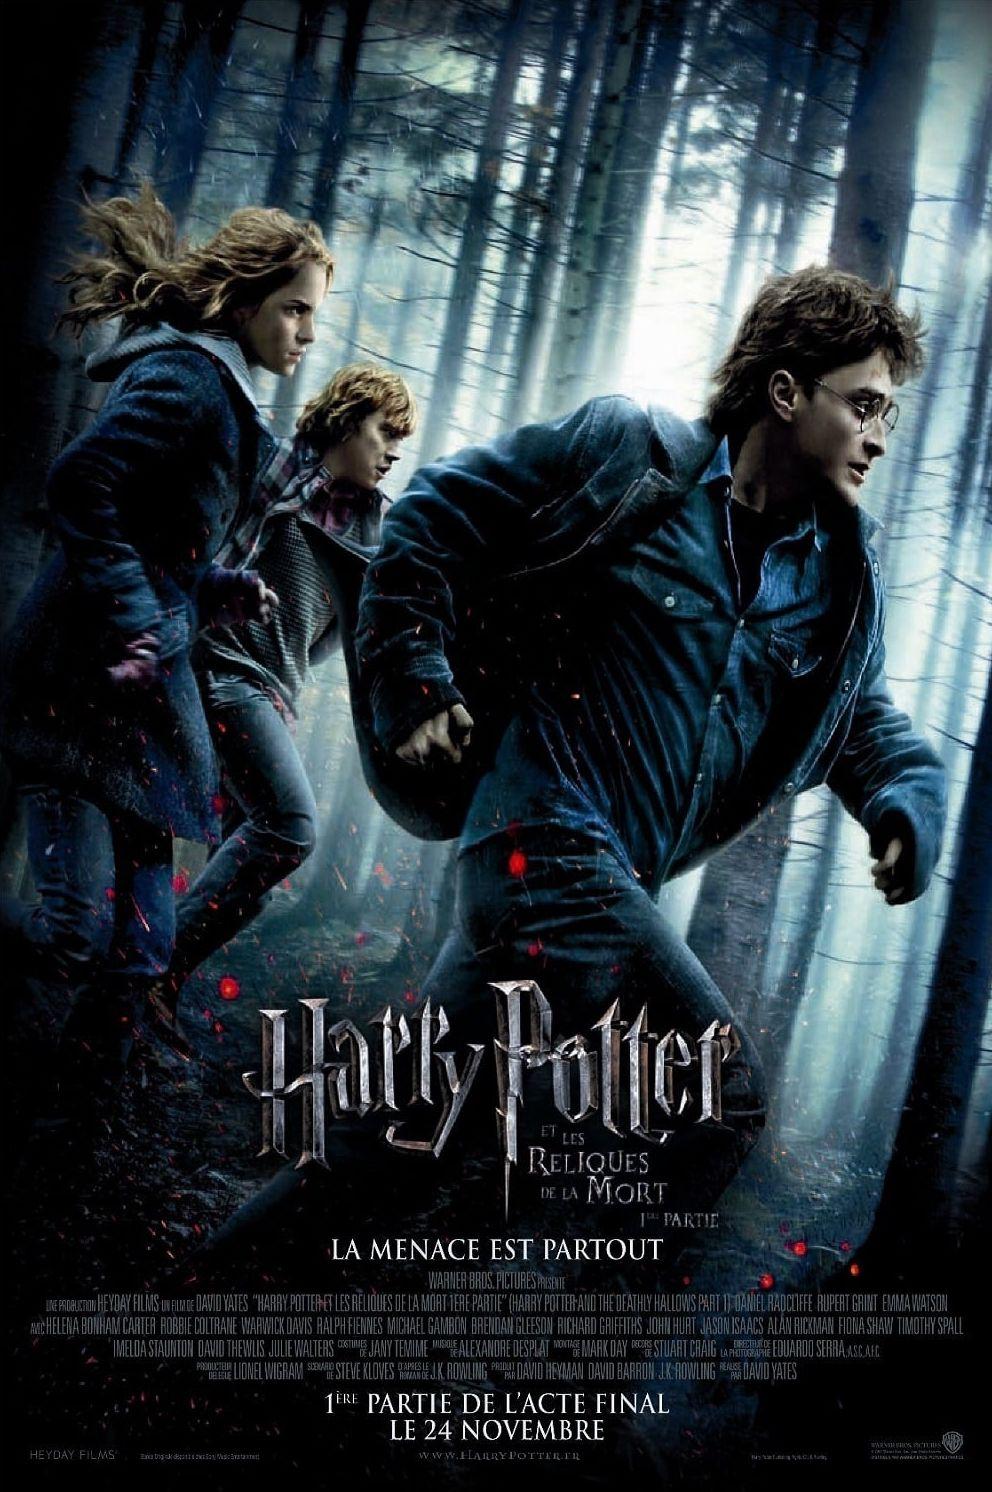 affiche du film Harry Potter et les Reliques de la mort: 1ère partie